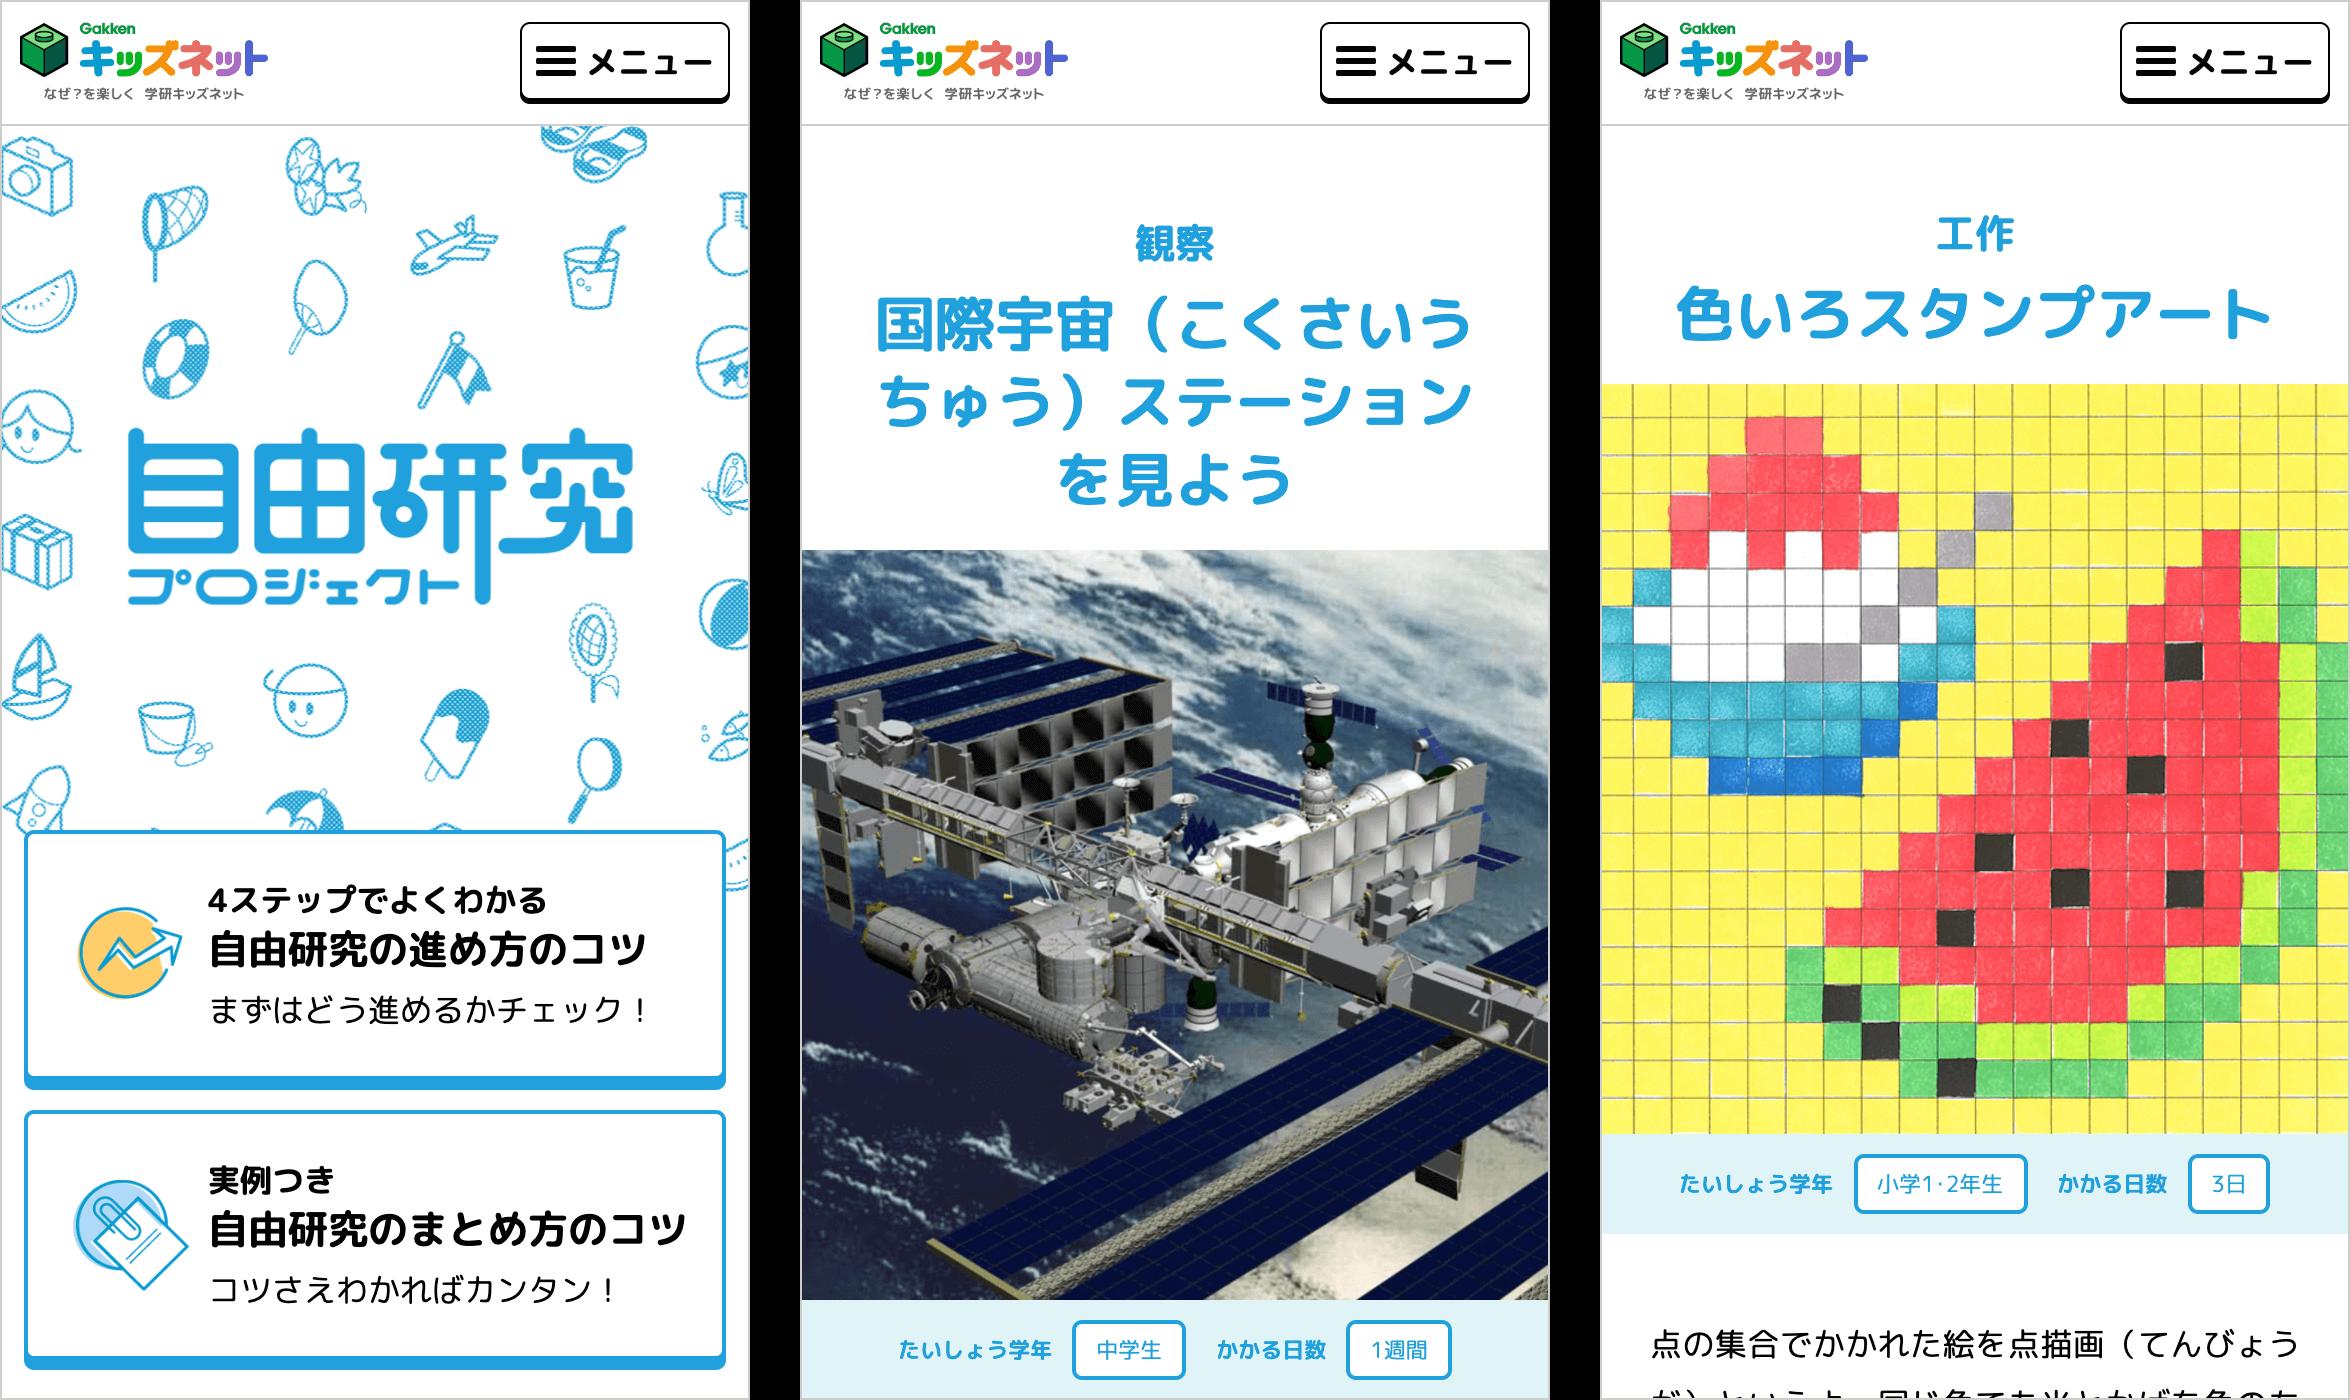 学研キッズネット「夏休み!自由研究プロジェクト」トップページ スマートフォン版